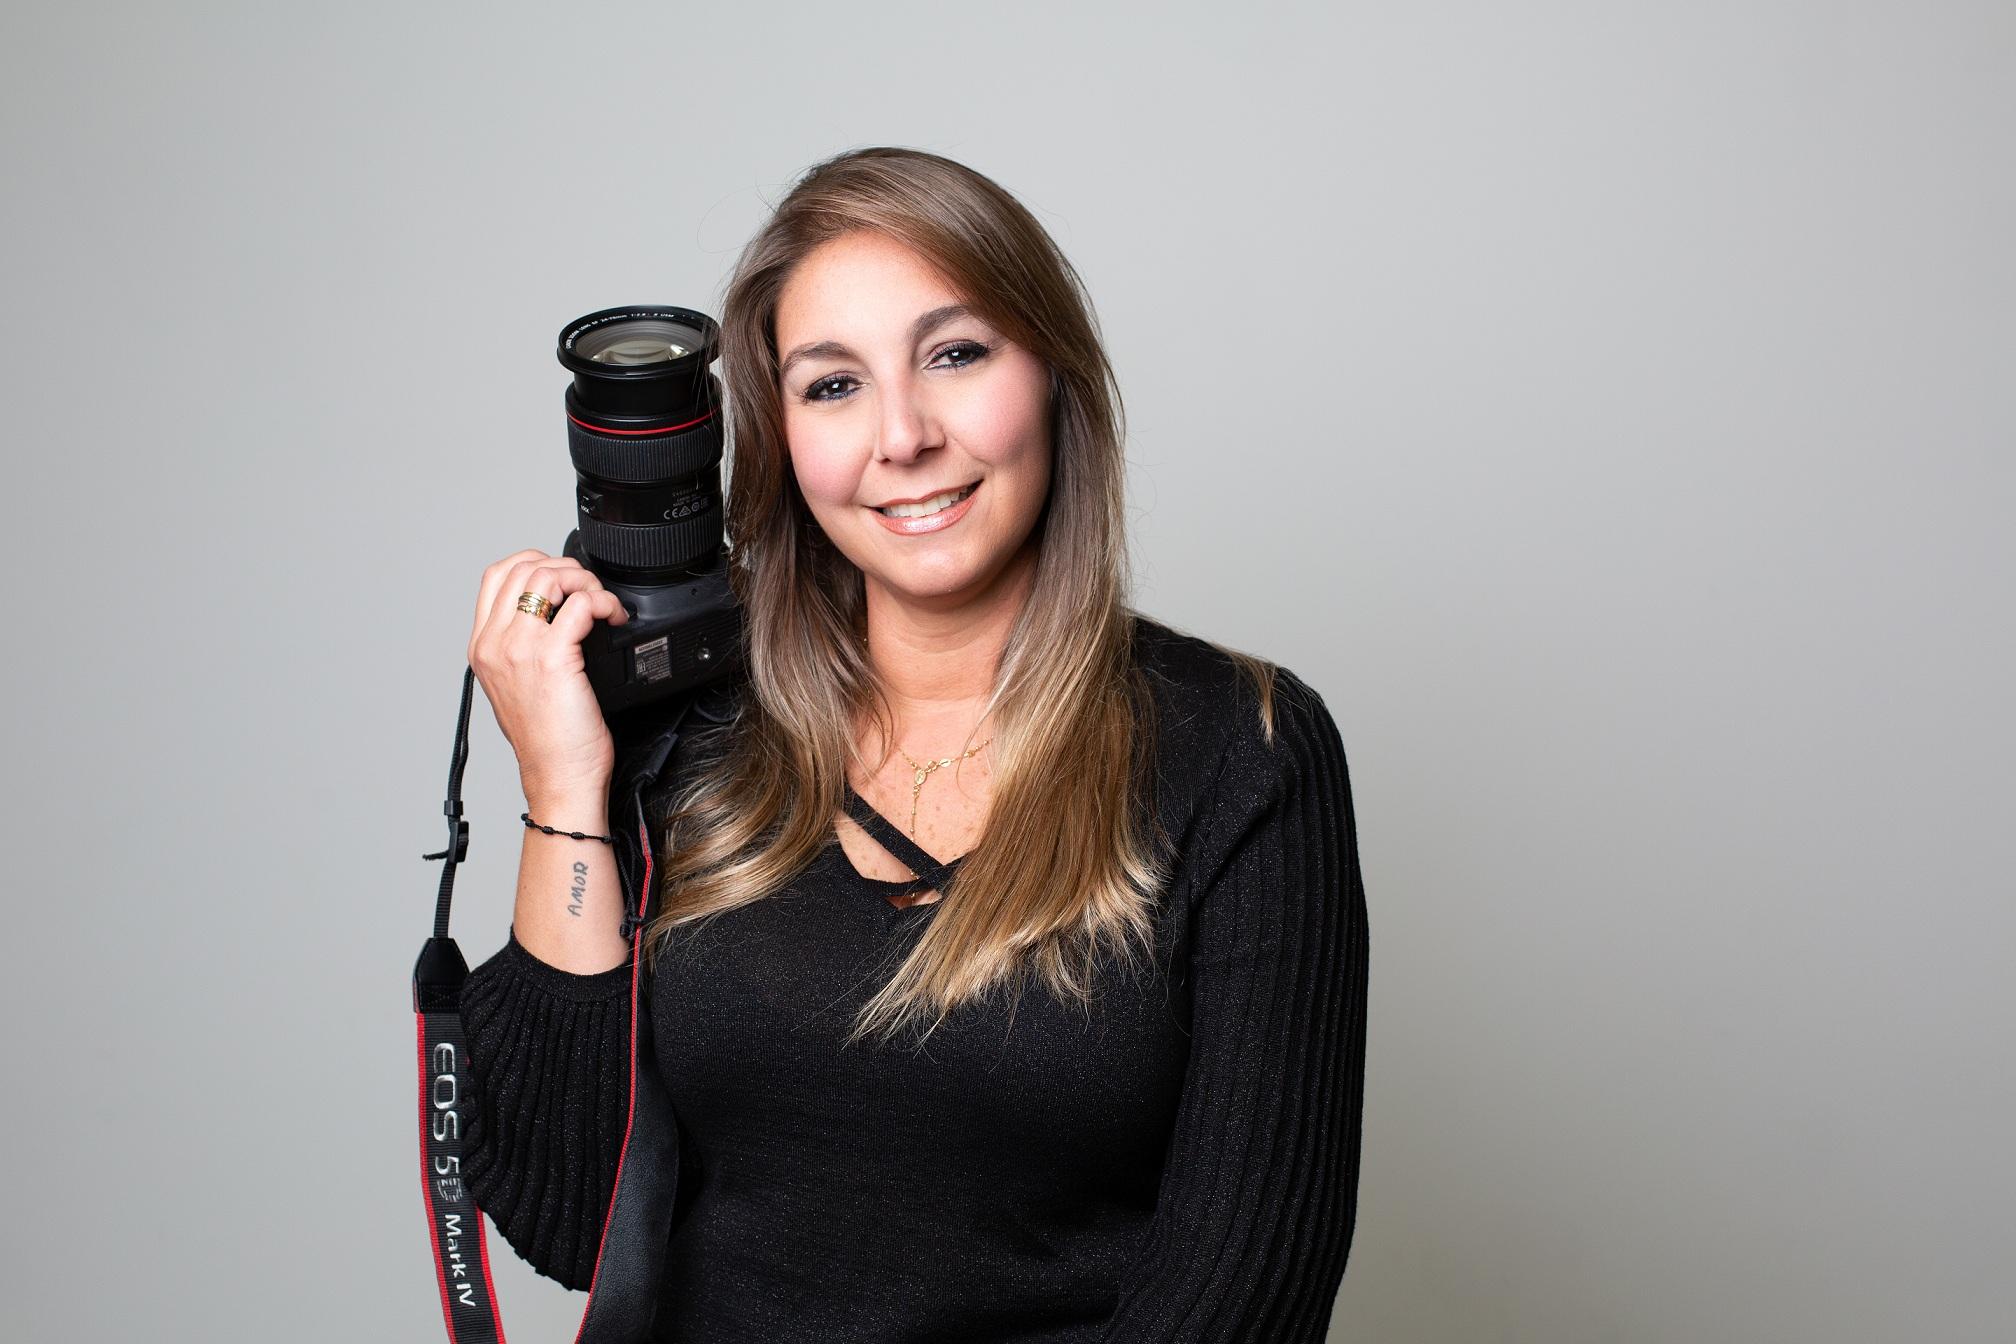 Michell De Abreu se posiciona internacionalmente gracias al arte de la composición fotográfica